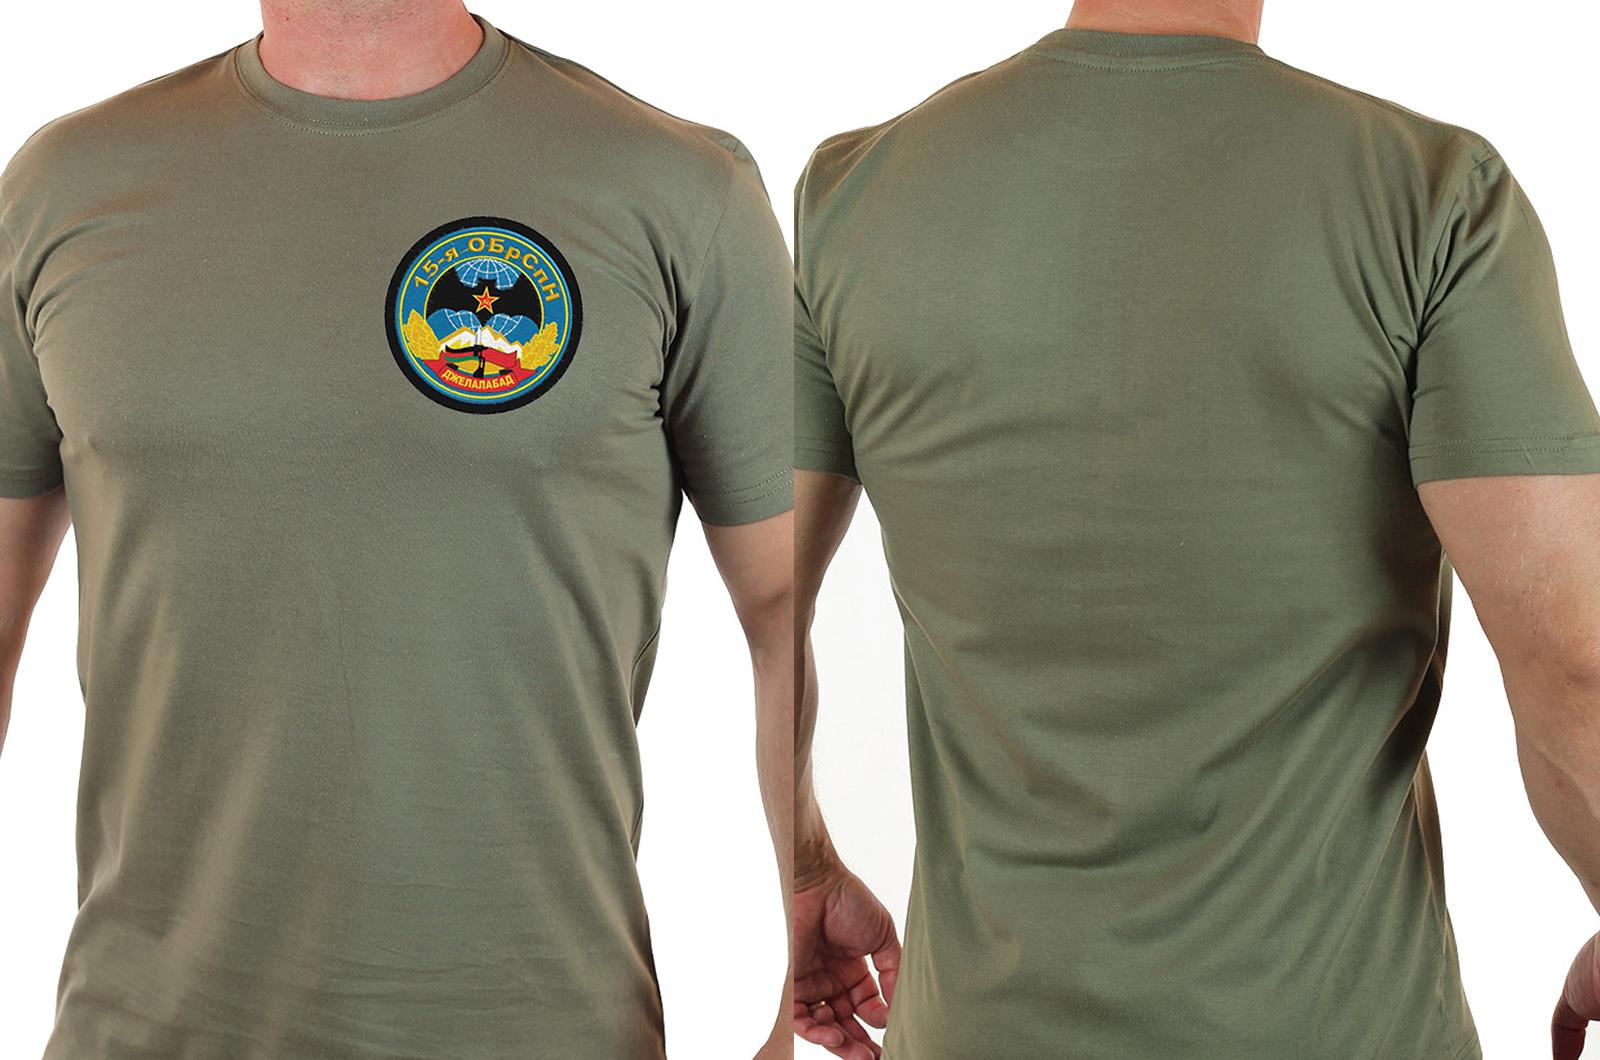 Мужская футболка с шевроном 15-я ОБрСпН Джелалабад